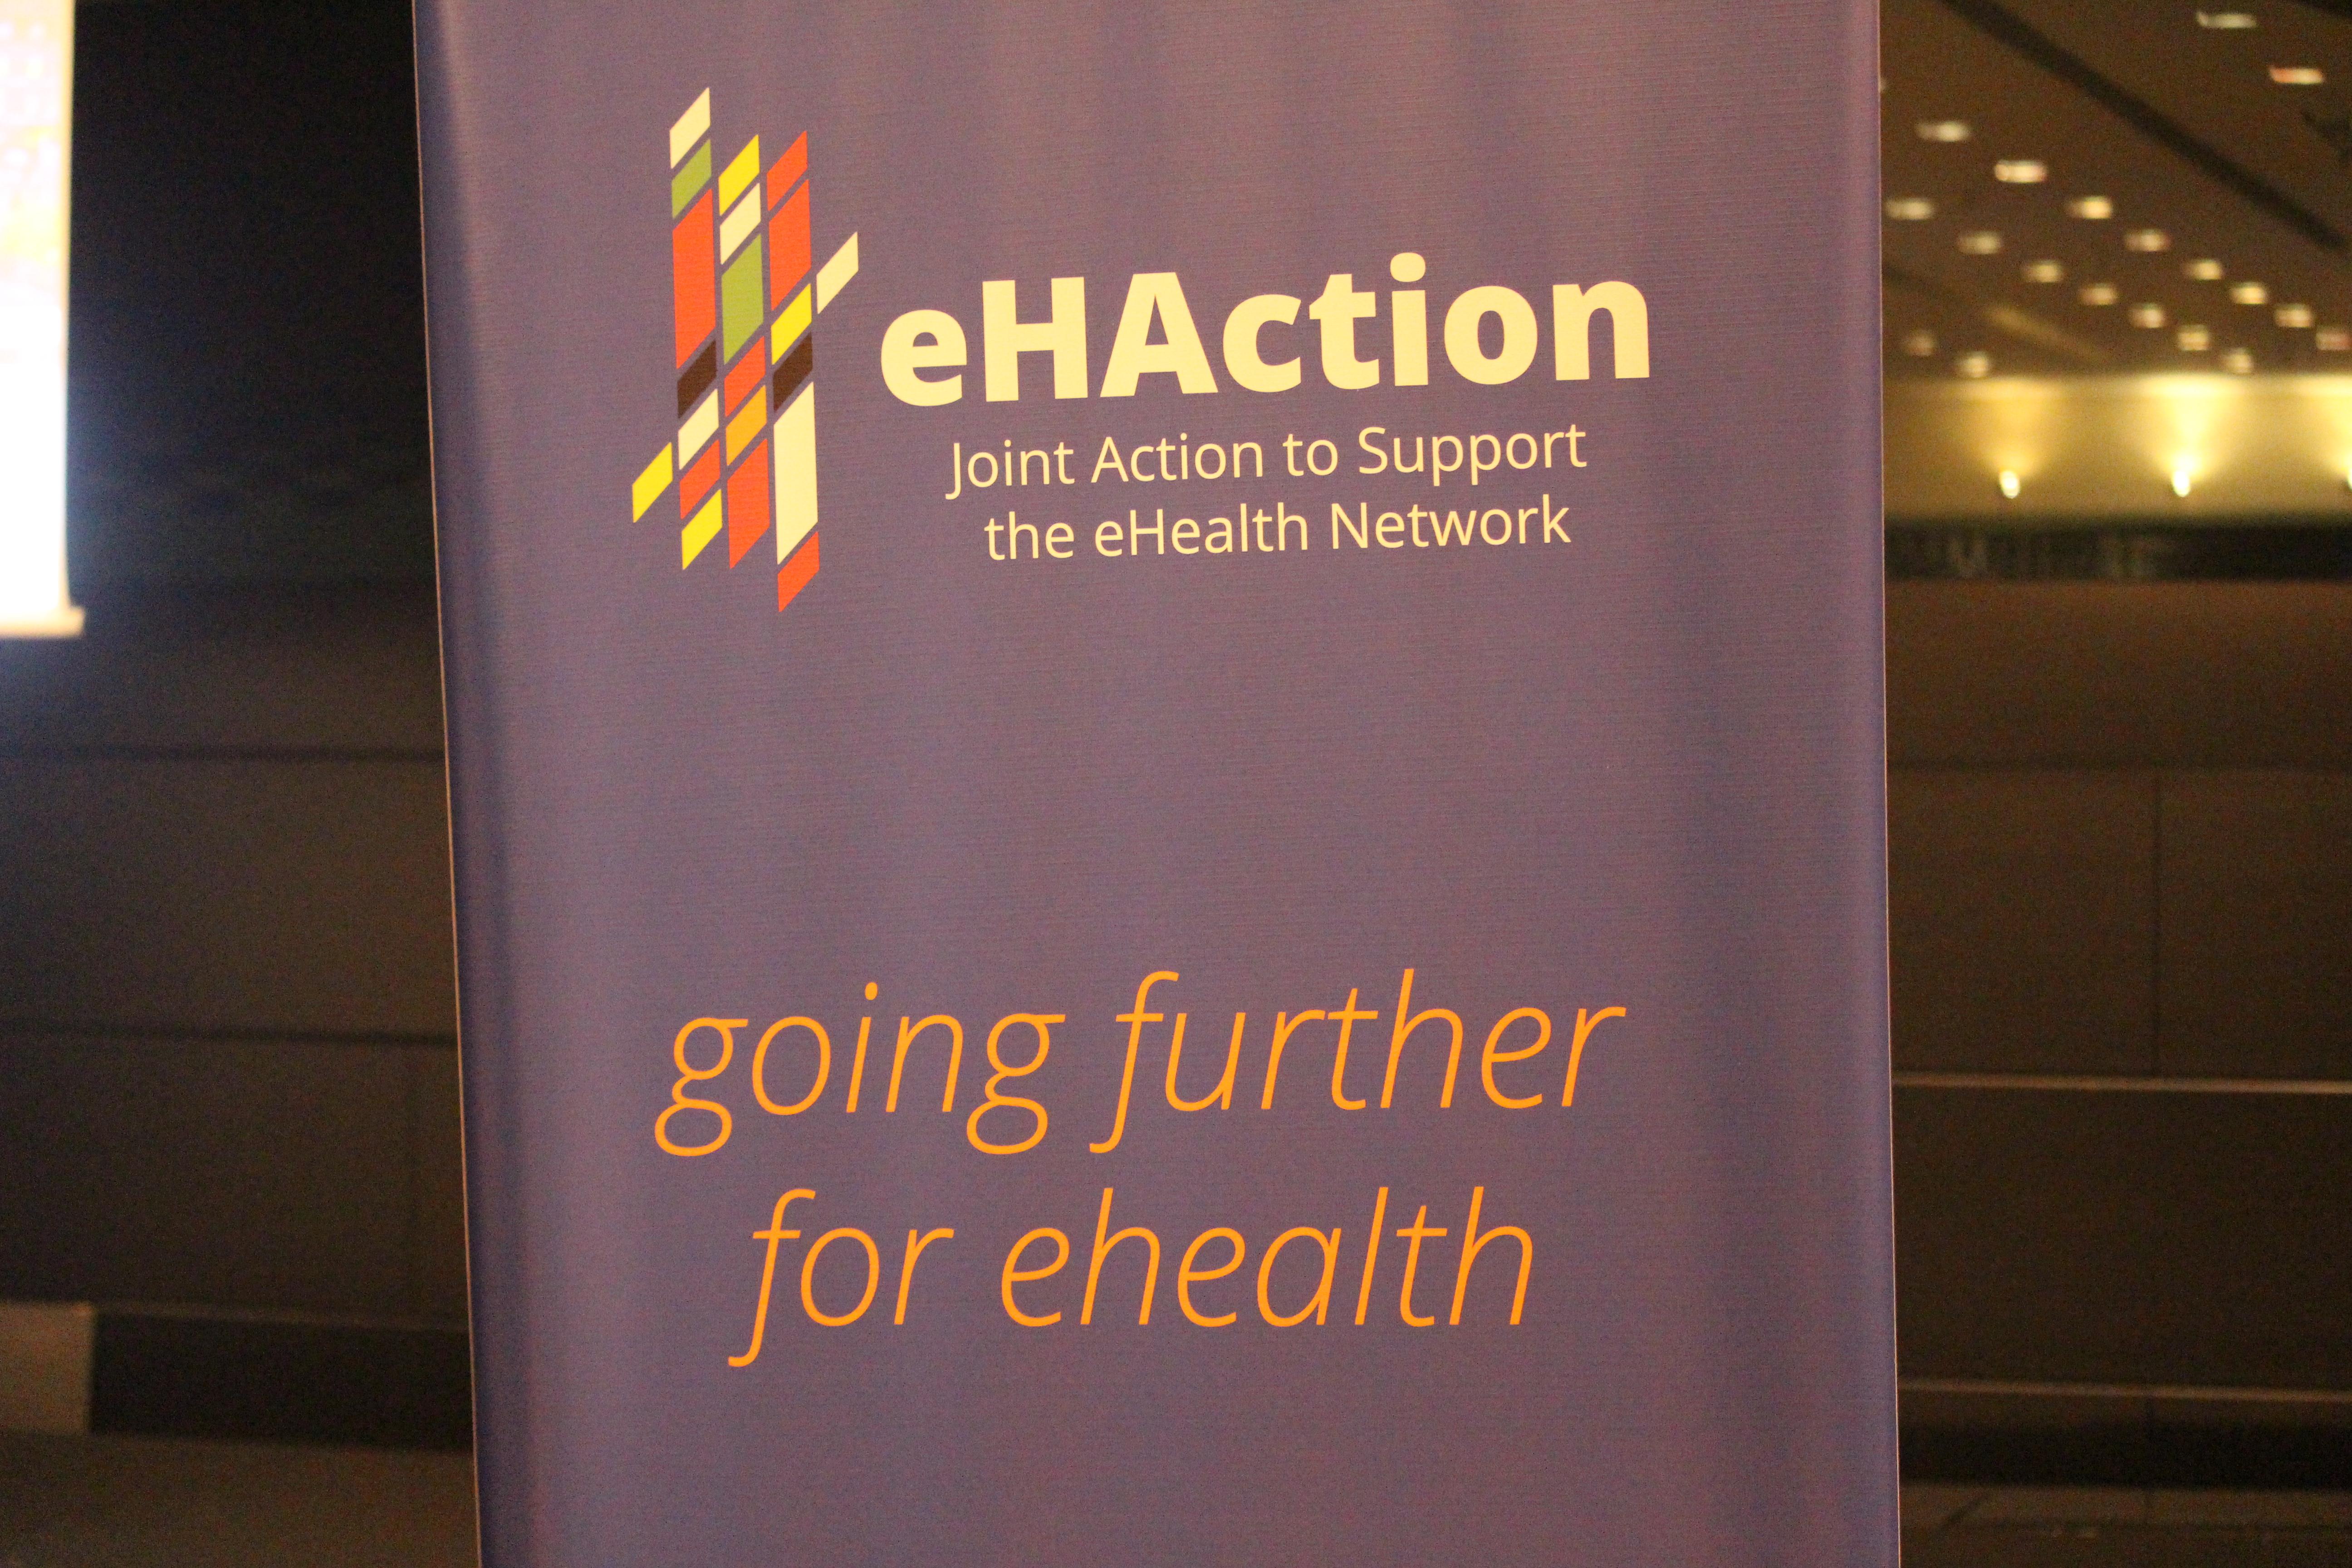 ehaction3-b